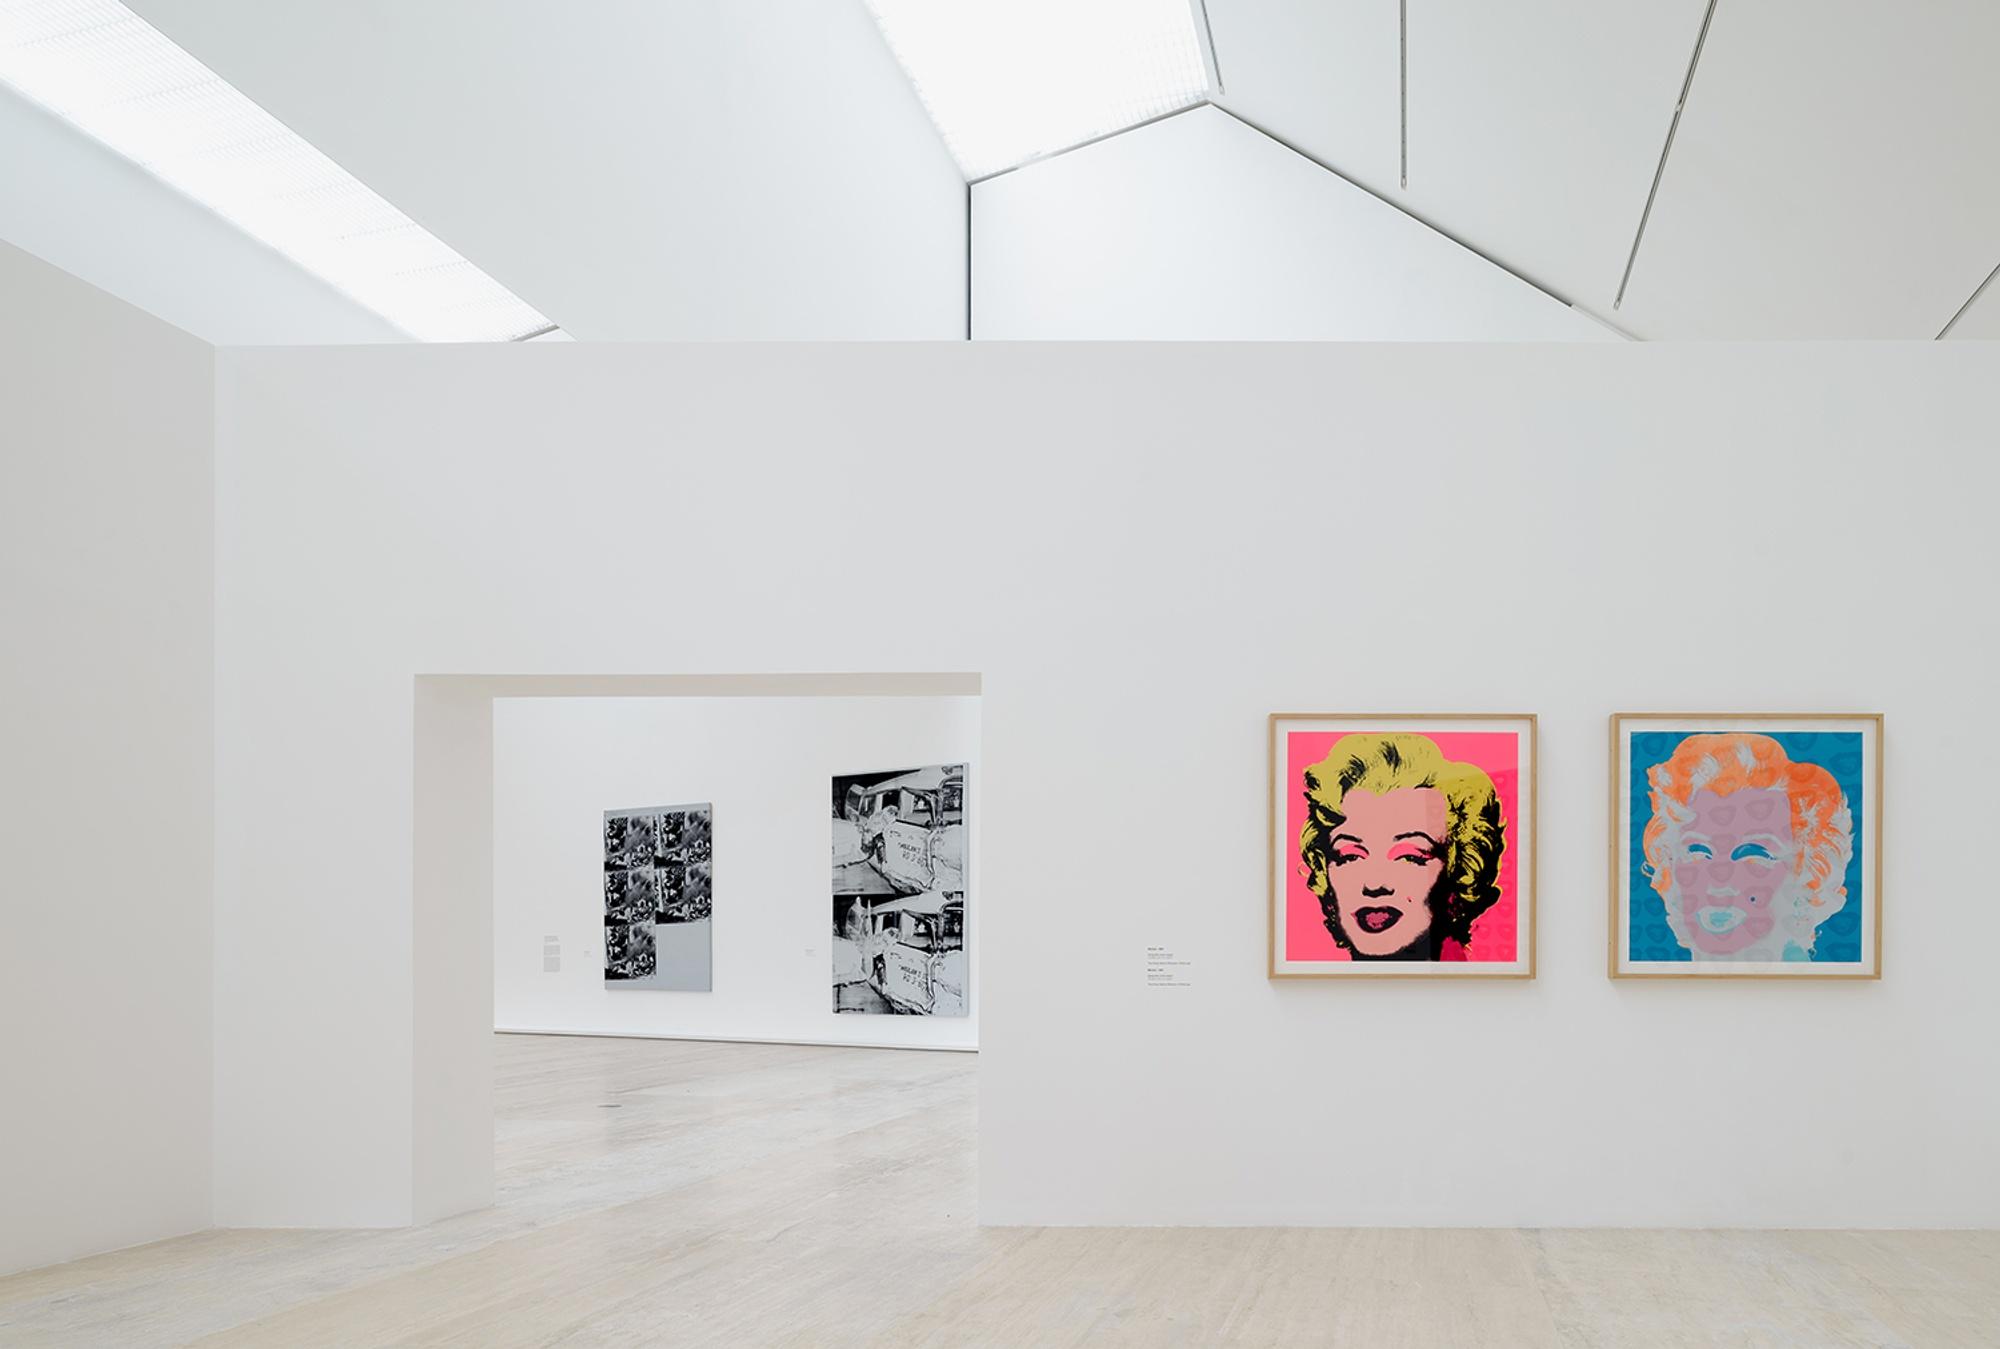 vista de la exposición de Andy Warhol en México